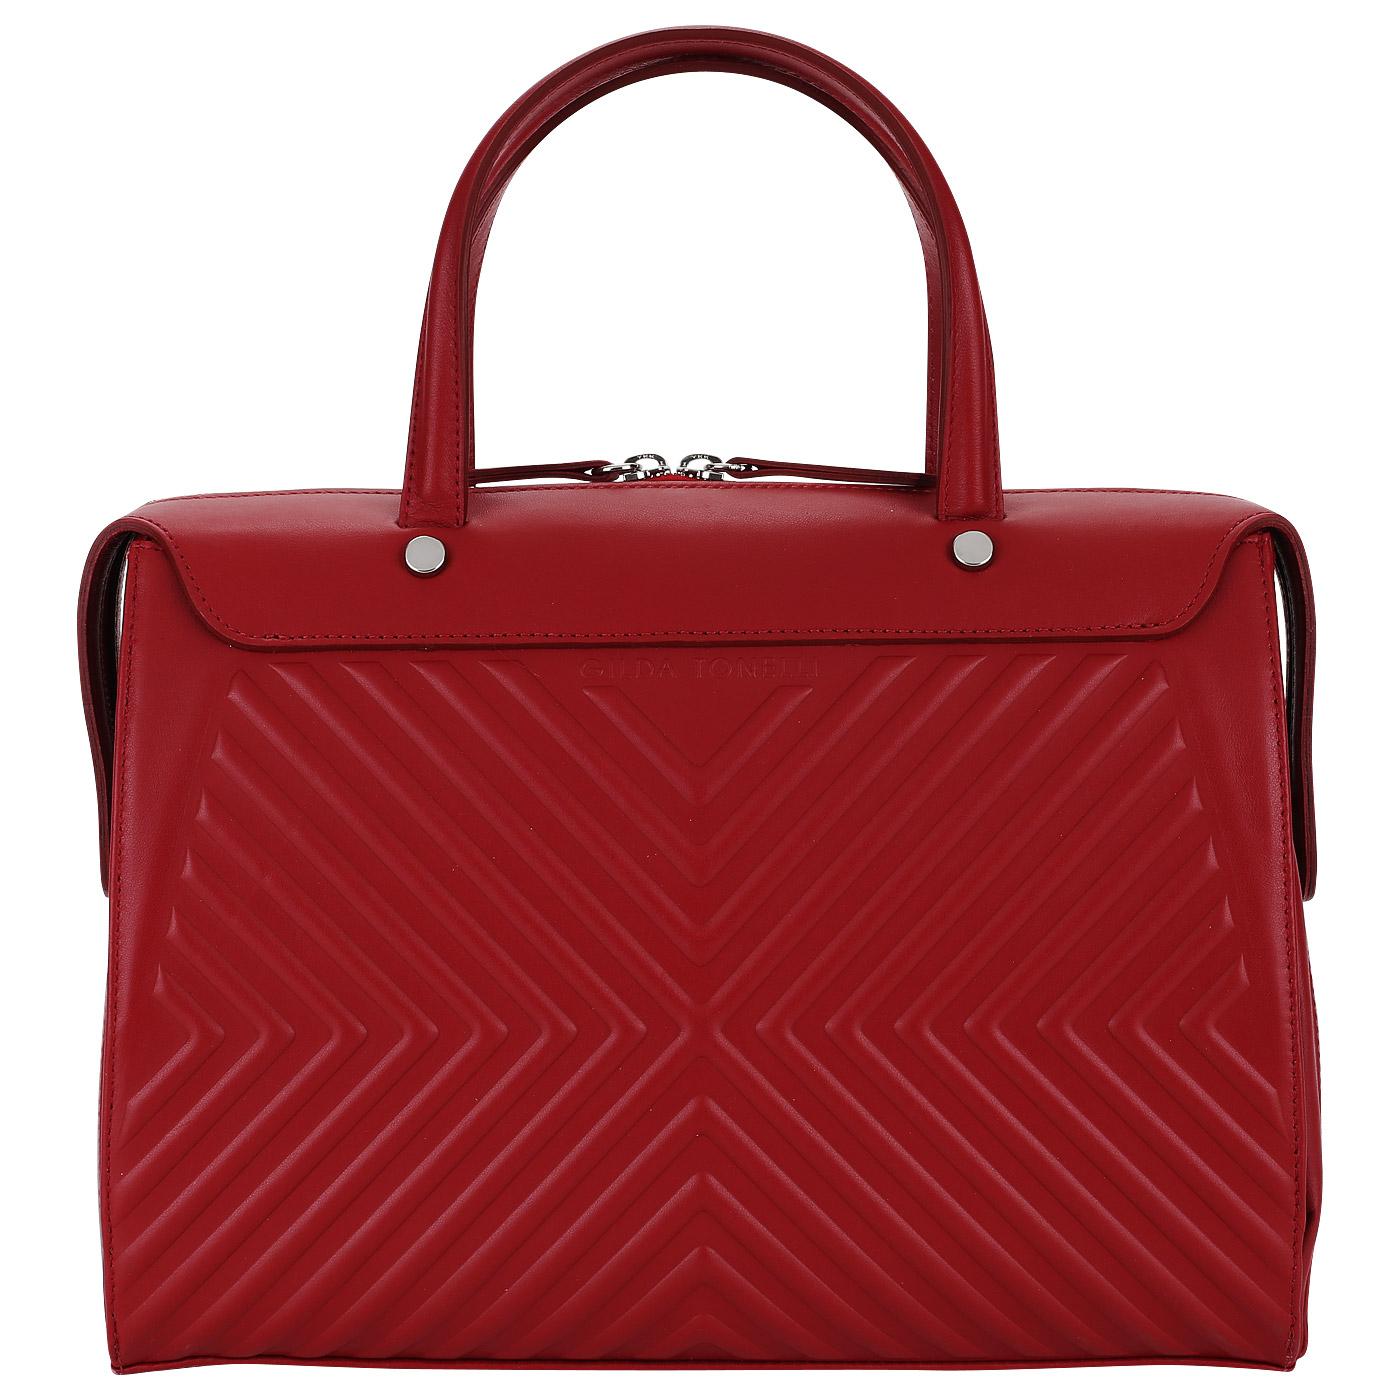 75579bd998a3 Красная женская сумка из кожи Gilda Tonelli Tresor 1889_rosso ...